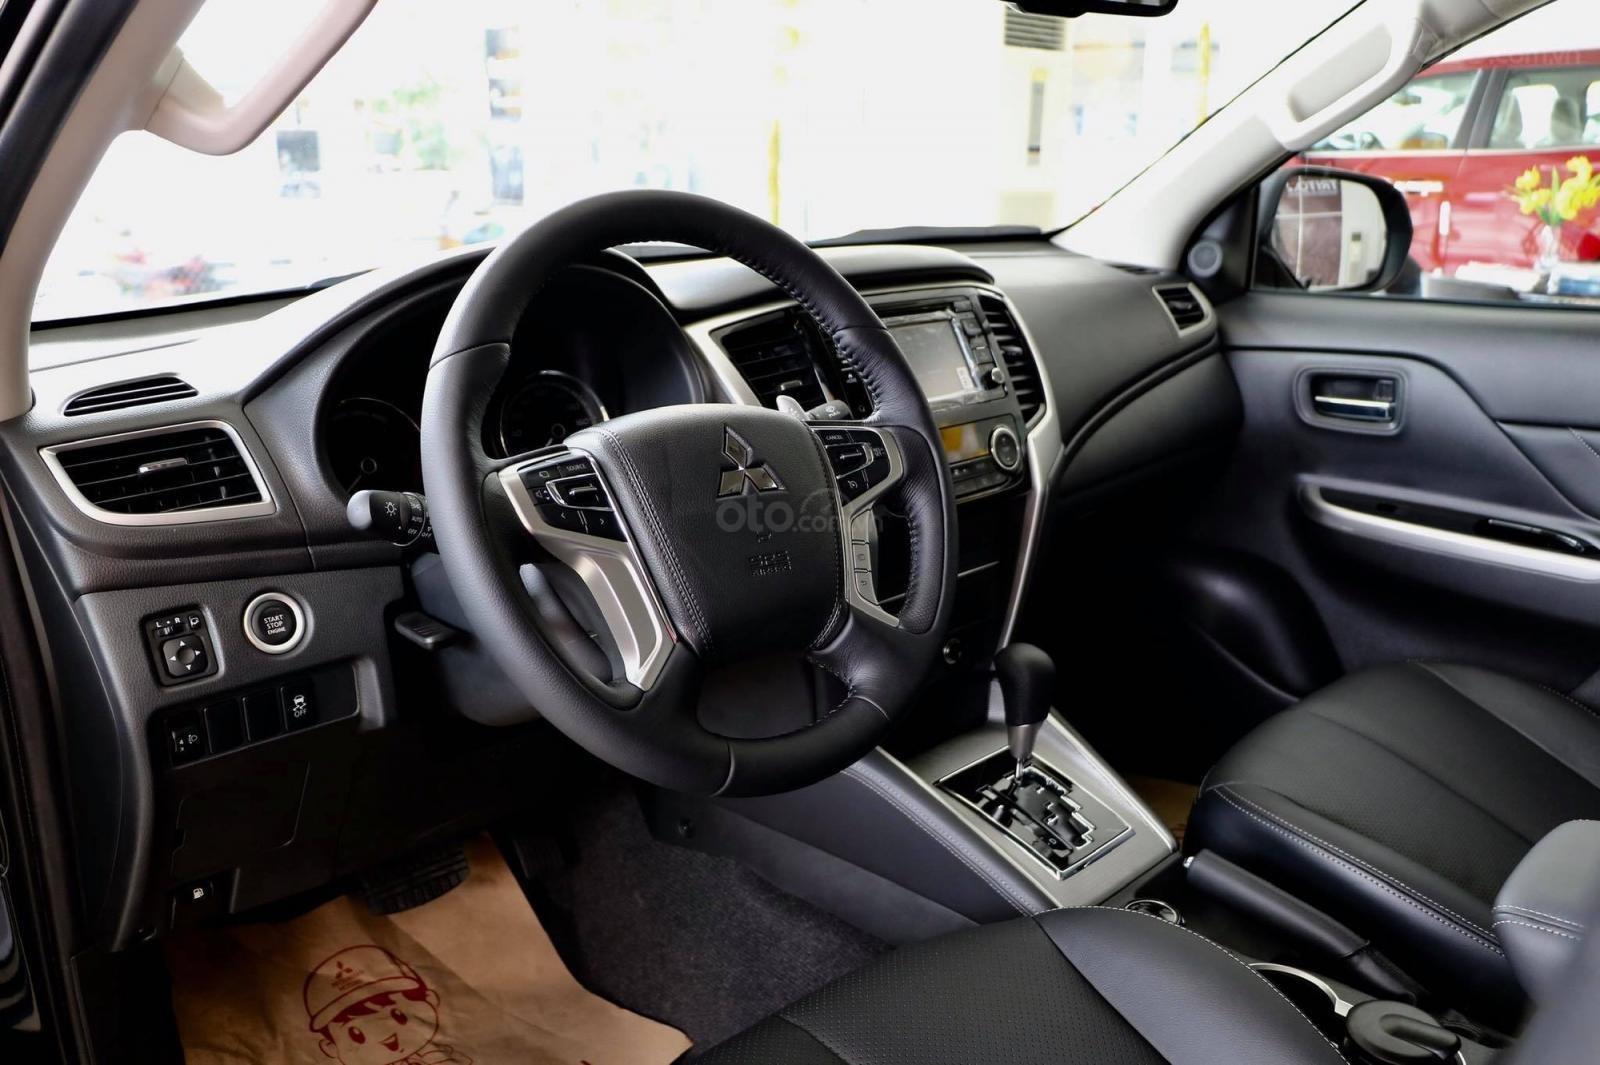 Cần bán xe Mitsubishi Triton 4x4 AT 2019, màu trắng, nhập khẩu nguyên chiếc-3